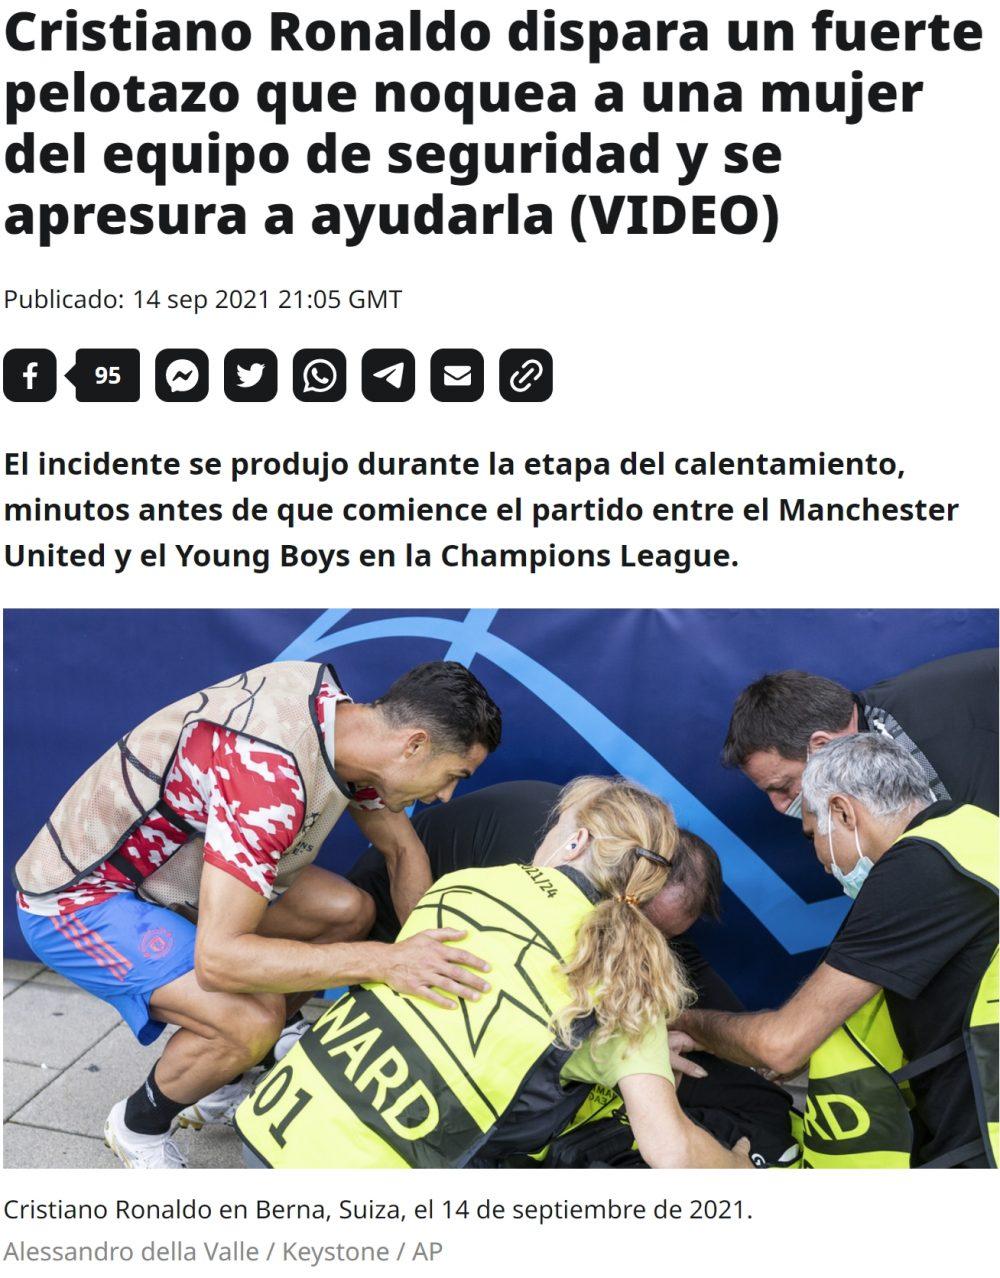 Cristiano se disculpa con una mujer de seguridad a la que derribó de un balonazo